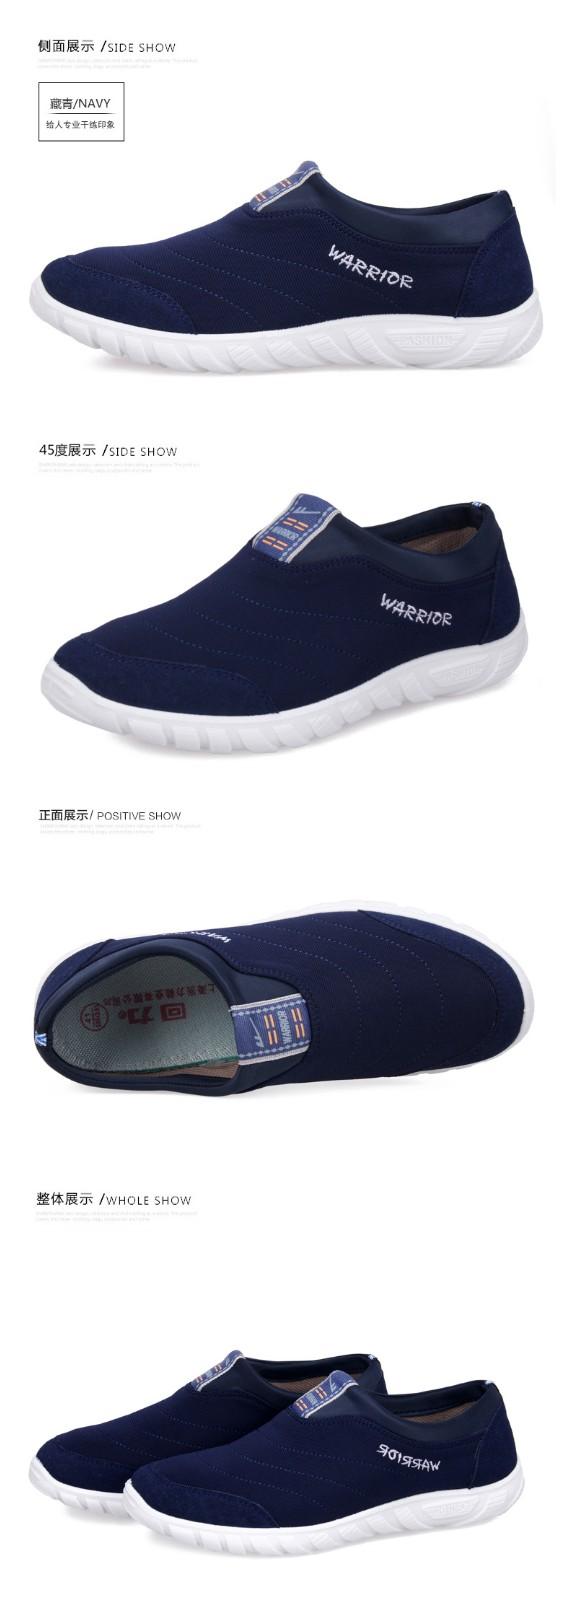 回力男鞋帆布鞋子一脚蹬懒人鞋男士潮流韩版布鞋透气鞋图片十八